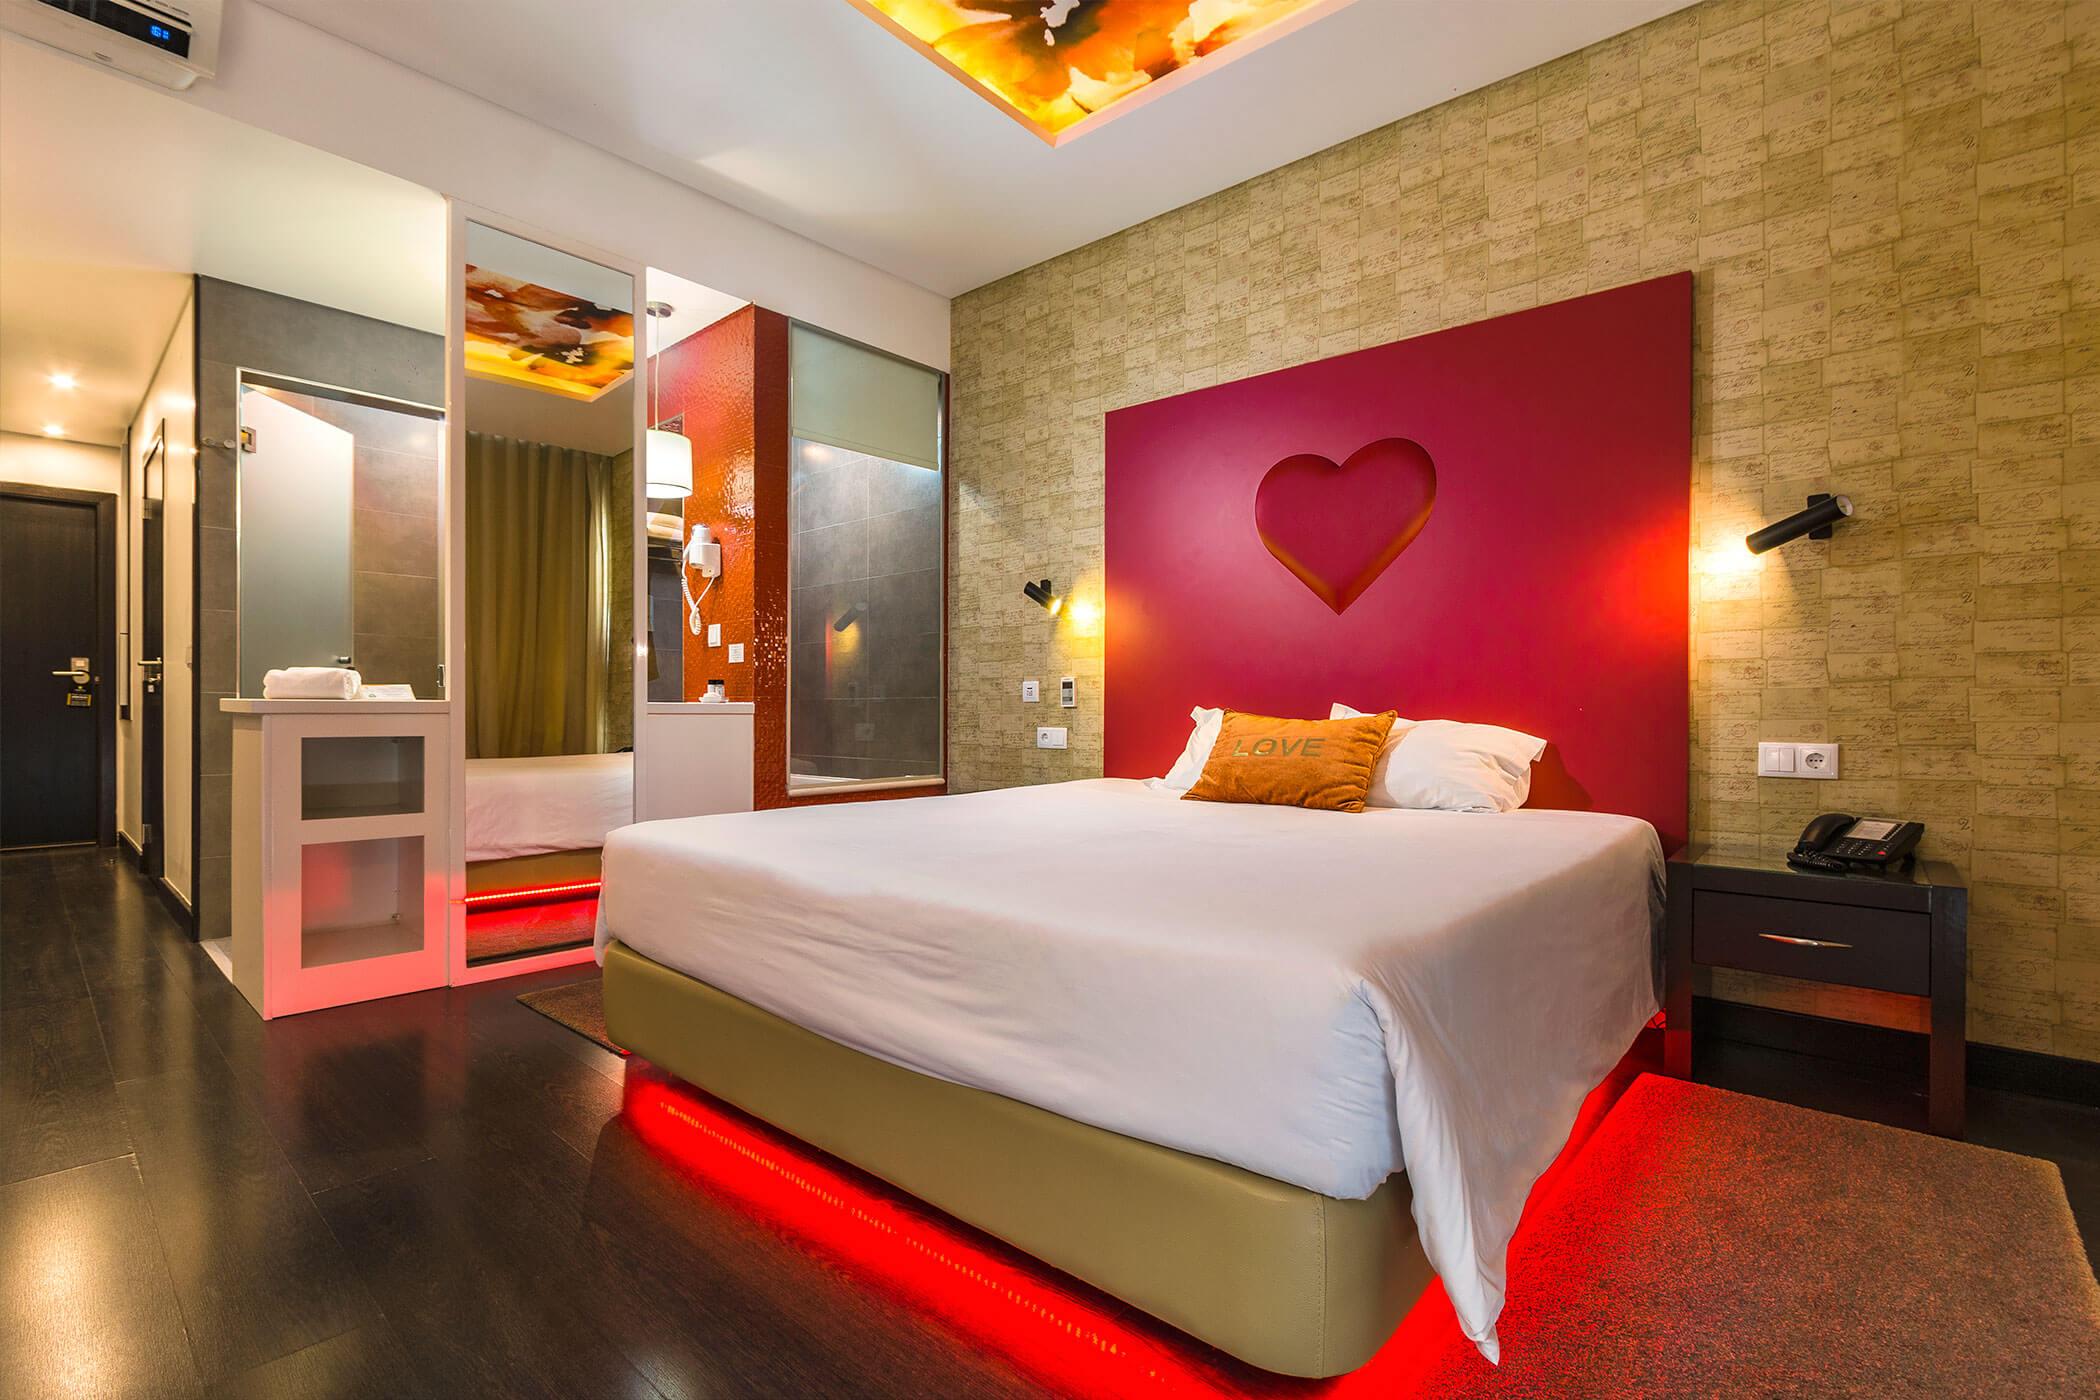 Habitación doble Standard Amor e Cegovim - Lisotel Hotel & Spa, Leiria